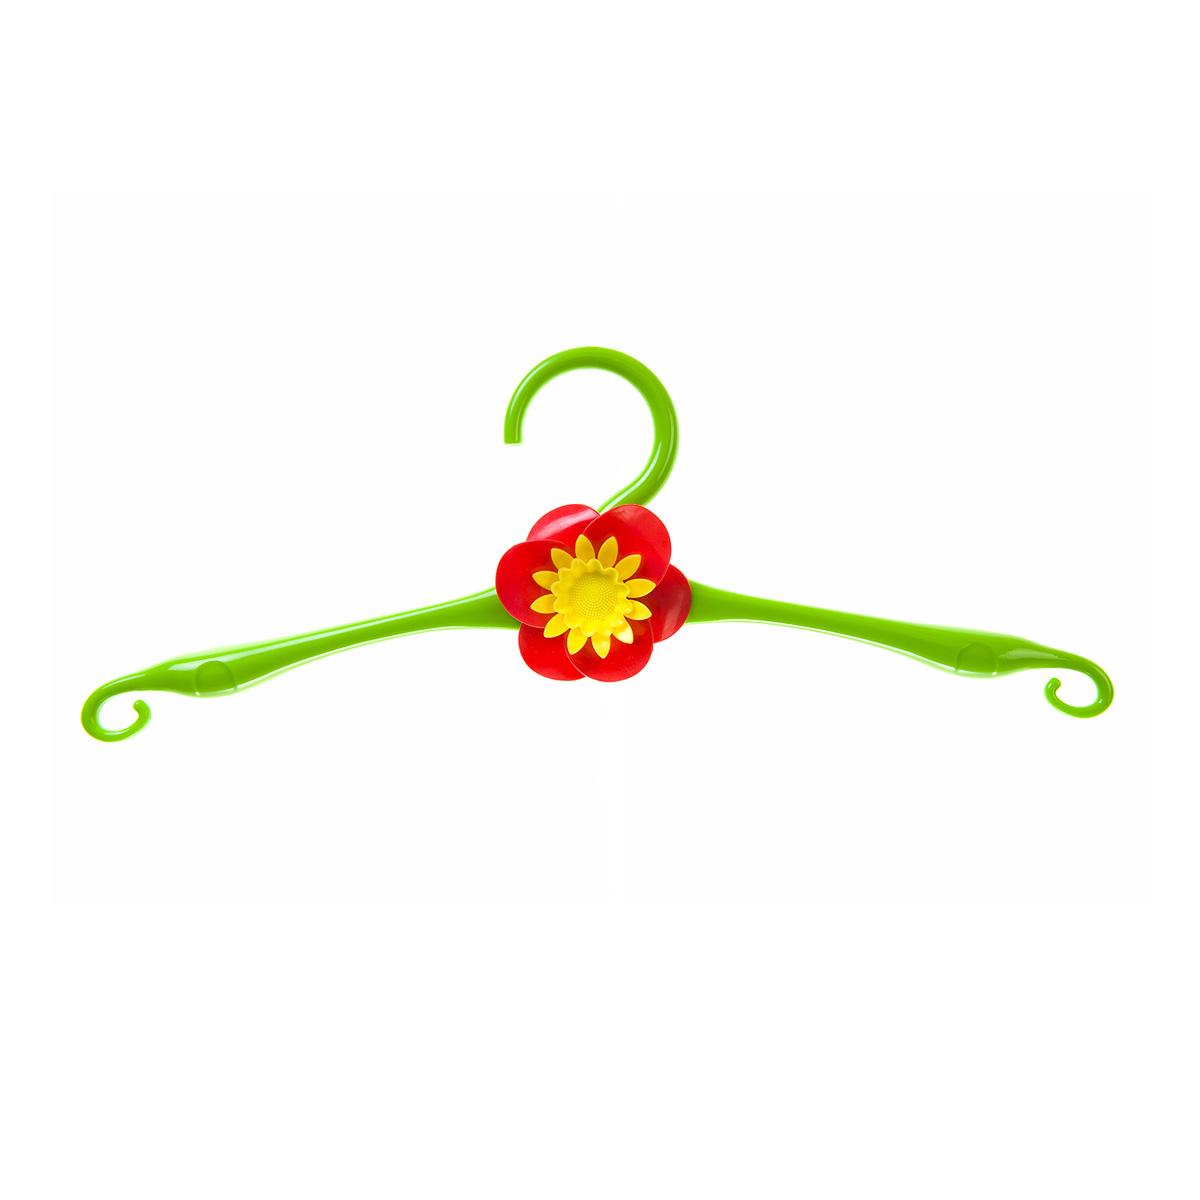 Вешалка HomeQueen, пластиковая, цвет: зеленый, длина 41 см70701Вешалка для одежды HomeQueen, выполненная из пластика, идеально подойдет для разного вида одежды. Она имеет надежный крючок и плечики с крючками по краям. Вешалка оформлена декоративным элементом в виде цветка. Вешалка - это незаменимая вещь для того, чтобы ваша одежда всегда оставалась в хорошем состоянии.Размер вешалки: 41 х 0,25 х 12,8 см.